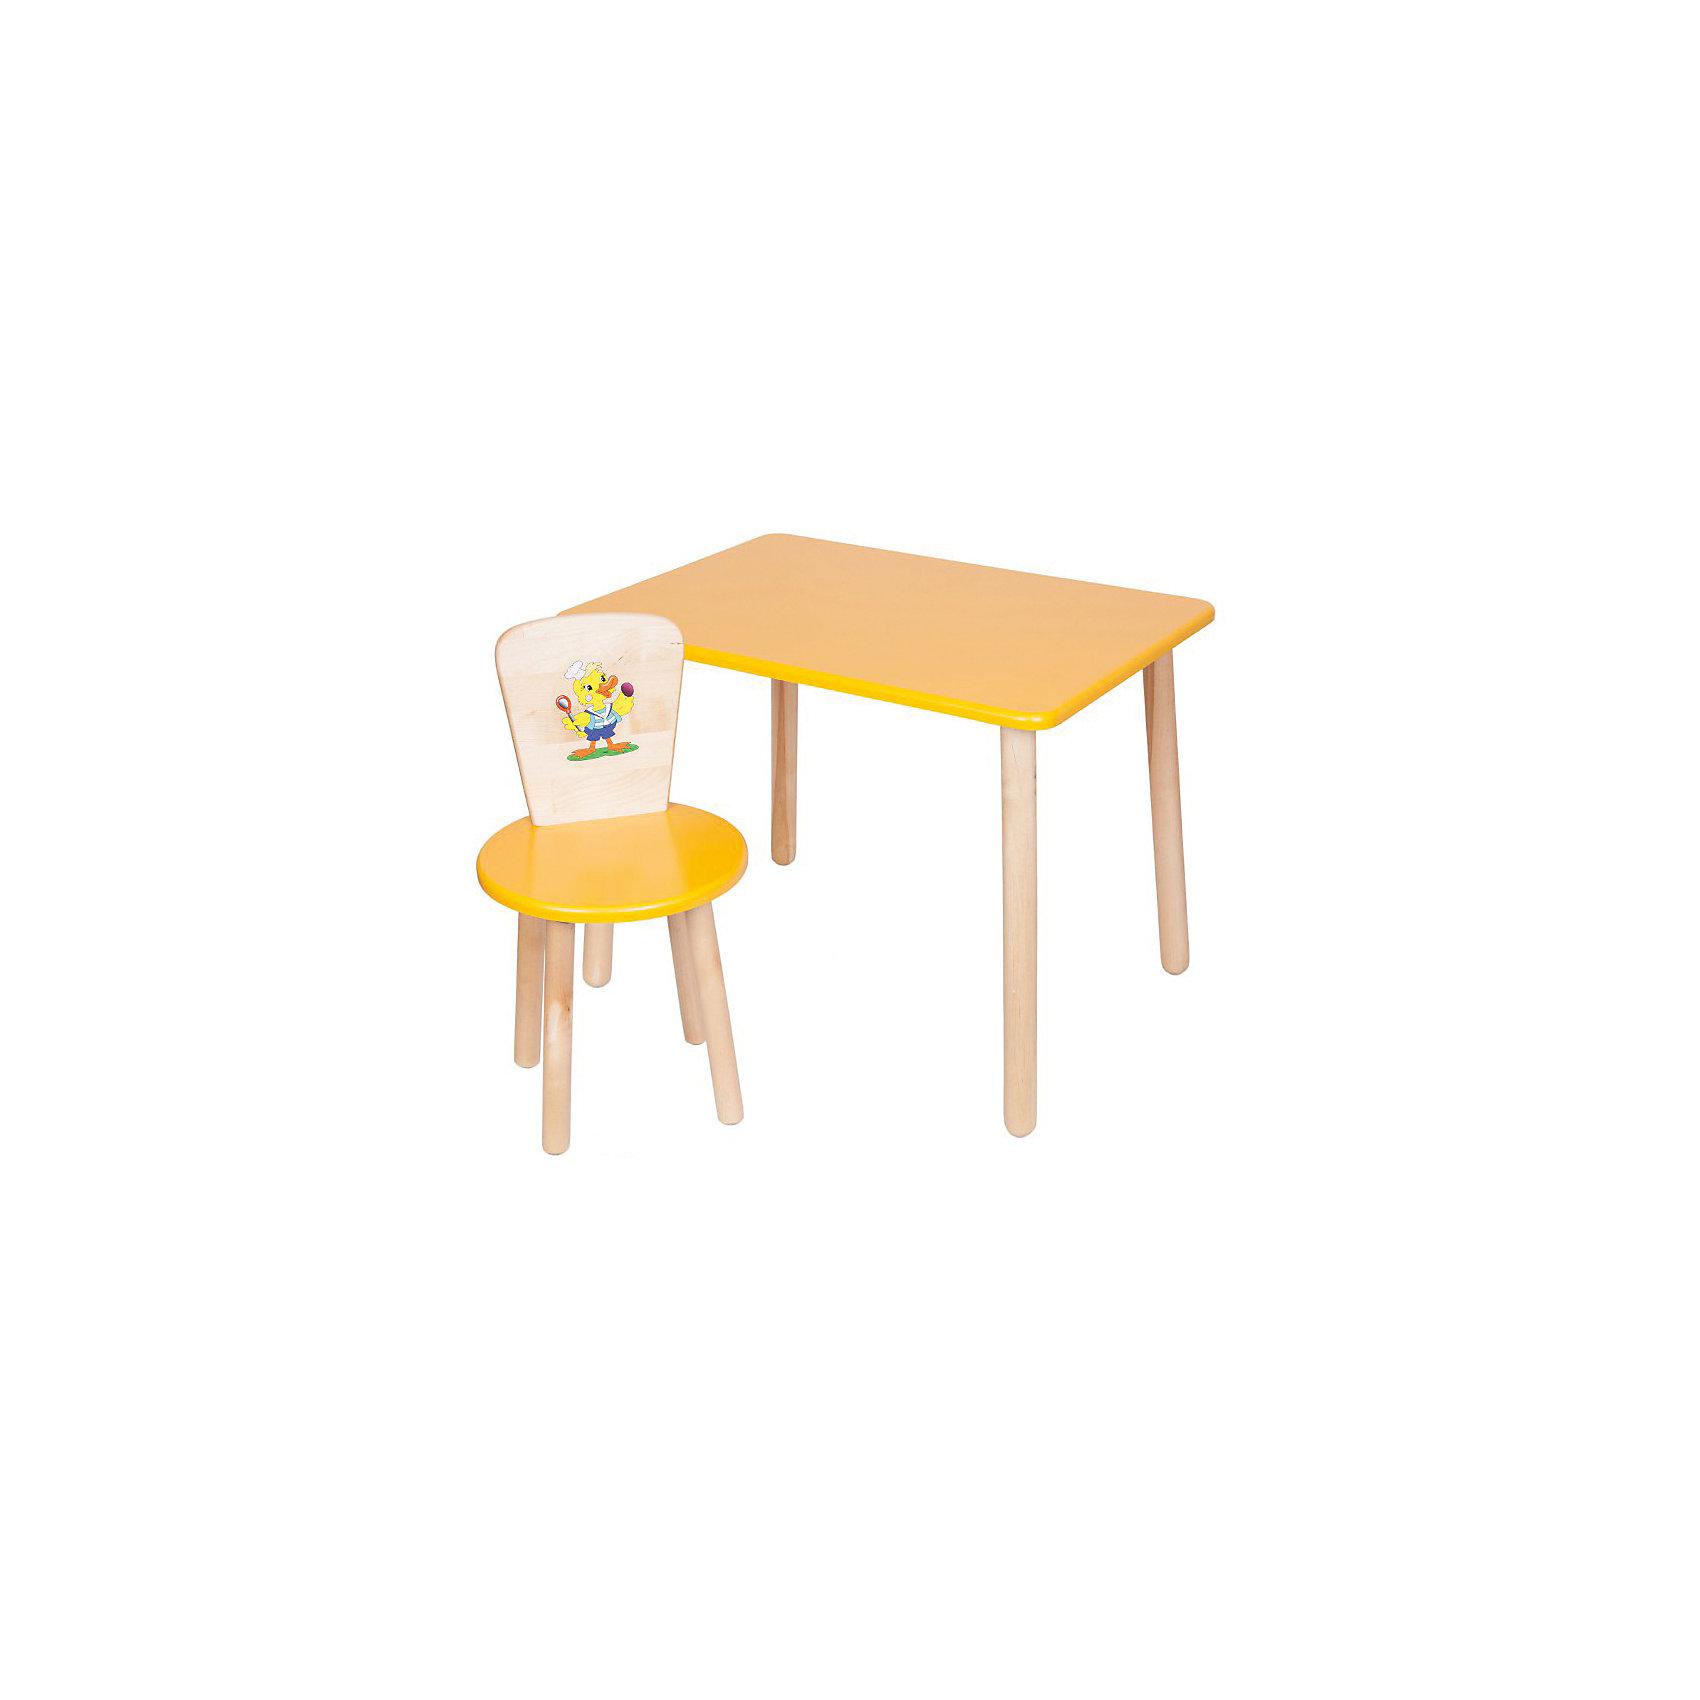 Набор мебели Эко № 1, желтыйМебель<br>Набор мебели Эко от известного производителя Русэкомебель - практичный и красивый комплект, состоящий из стола и стула. Яркая мебель прекрасно впишется в интерьер детской и обязательно понравится вашему ребенку. Стул и стол не имеют острых углов, которые могут травмировать малышей. Гладкая поверхность столешницы и сиденья позволяет легко устранять любые загрязнения. Стол прямоугольной формы идеально подойдет для занятий, игр и творчества. Набор выполнен из высококачественных материалов, раскрашен безопасными, экологичными и нетоксичными красителями. <br><br>Дополнительная информация:<br><br>- Комплектация: стол, стул.<br>- Материал: дерево (береза), МДФ.<br>- Не имеет острых углов. <br>- Размер столешницы: 45x60 см. <br>- Высота стола: 52 см.<br>- Диаметр стула: 31 см. <br>- Высота стула: 57 см.<br>- Высота стула (от пола до сиденья): 32 см.<br><br>Набор мебели Эко № 1, желтый, можно купить в нашем магазине.<br><br>Ширина мм: 730<br>Глубина мм: 530<br>Высота мм: 140<br>Вес г: 8400<br>Возраст от месяцев: 24<br>Возраст до месяцев: 84<br>Пол: Унисекс<br>Возраст: Детский<br>SKU: 4756475